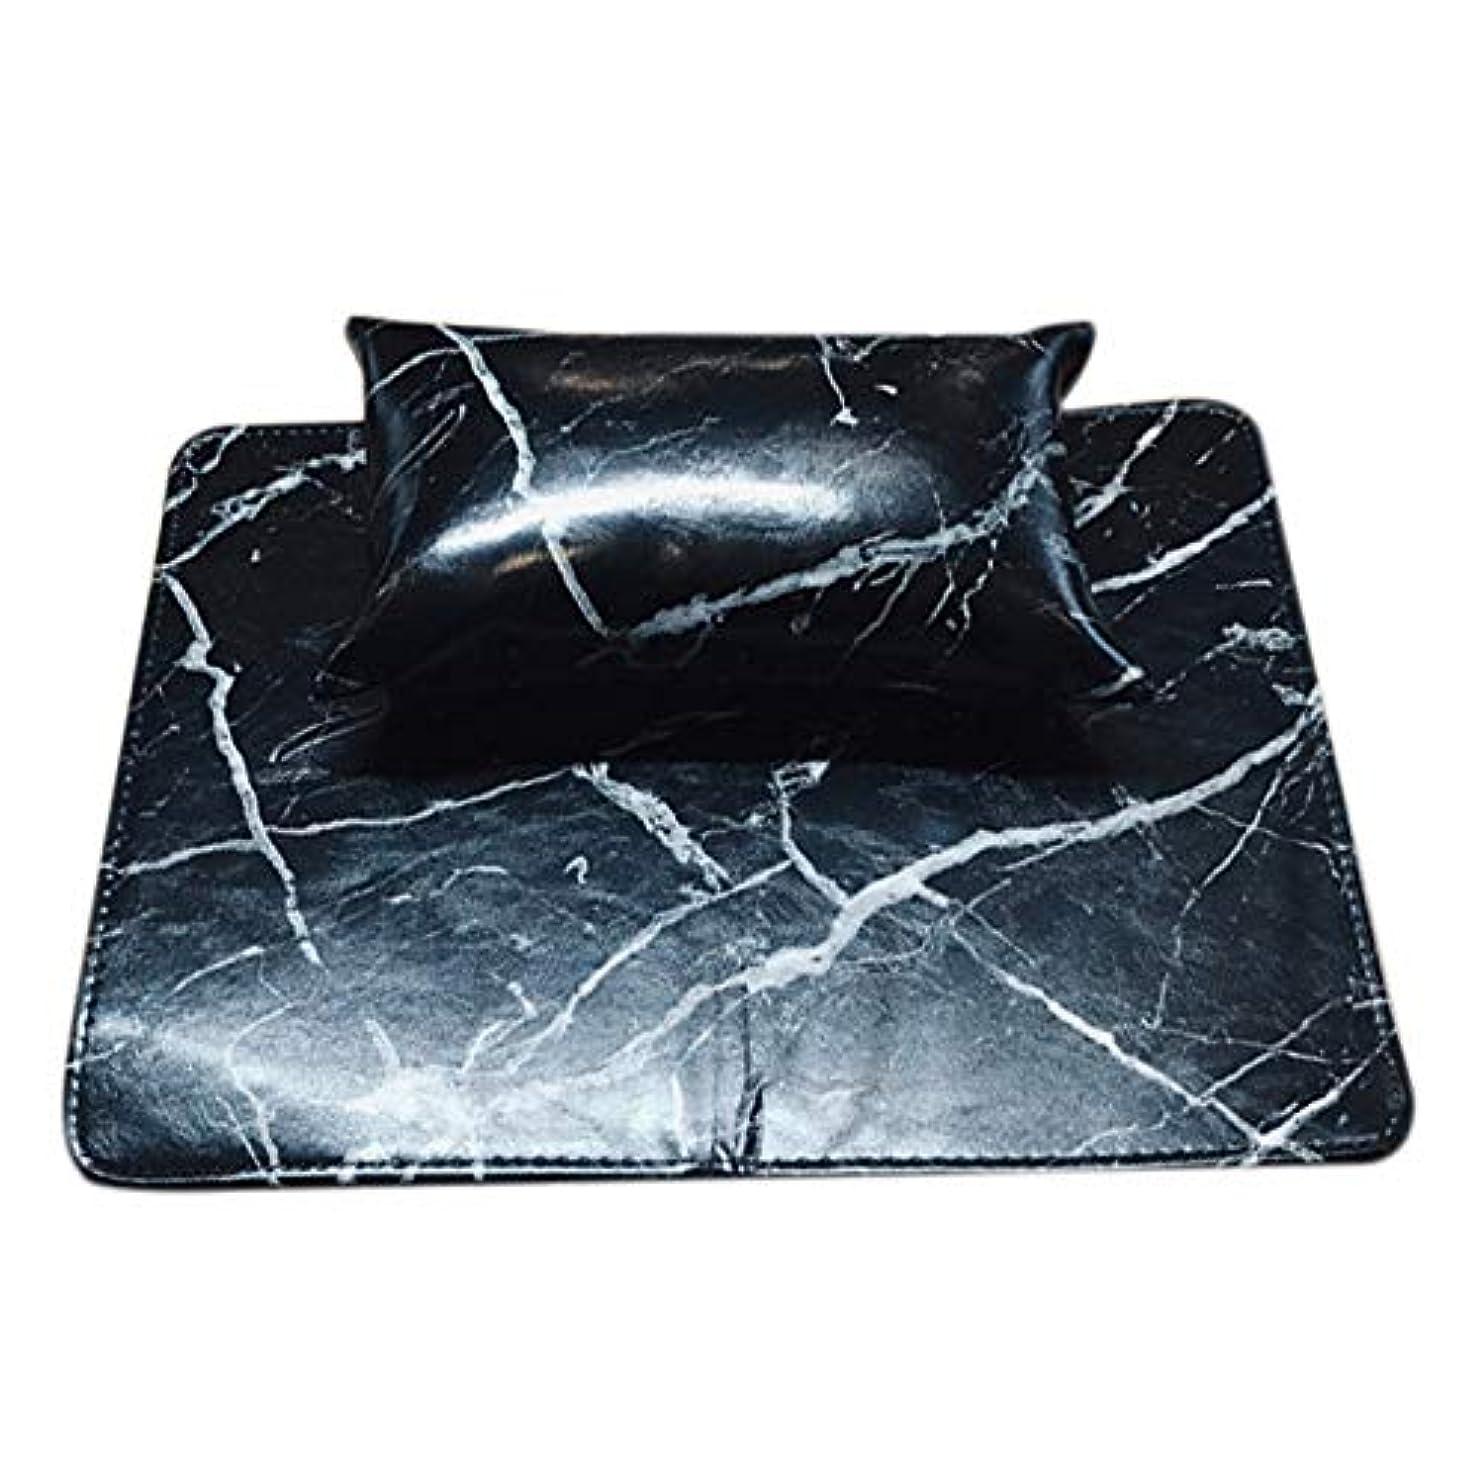 腐食する上記の頭と肩間欠TOOGOO マニキュアツール ソフトハンドクッション枕とパッドレストネイルアートアームレストホルダー マニキュアネイルアートアクセサリーレザー(2個 一体化)ブラック